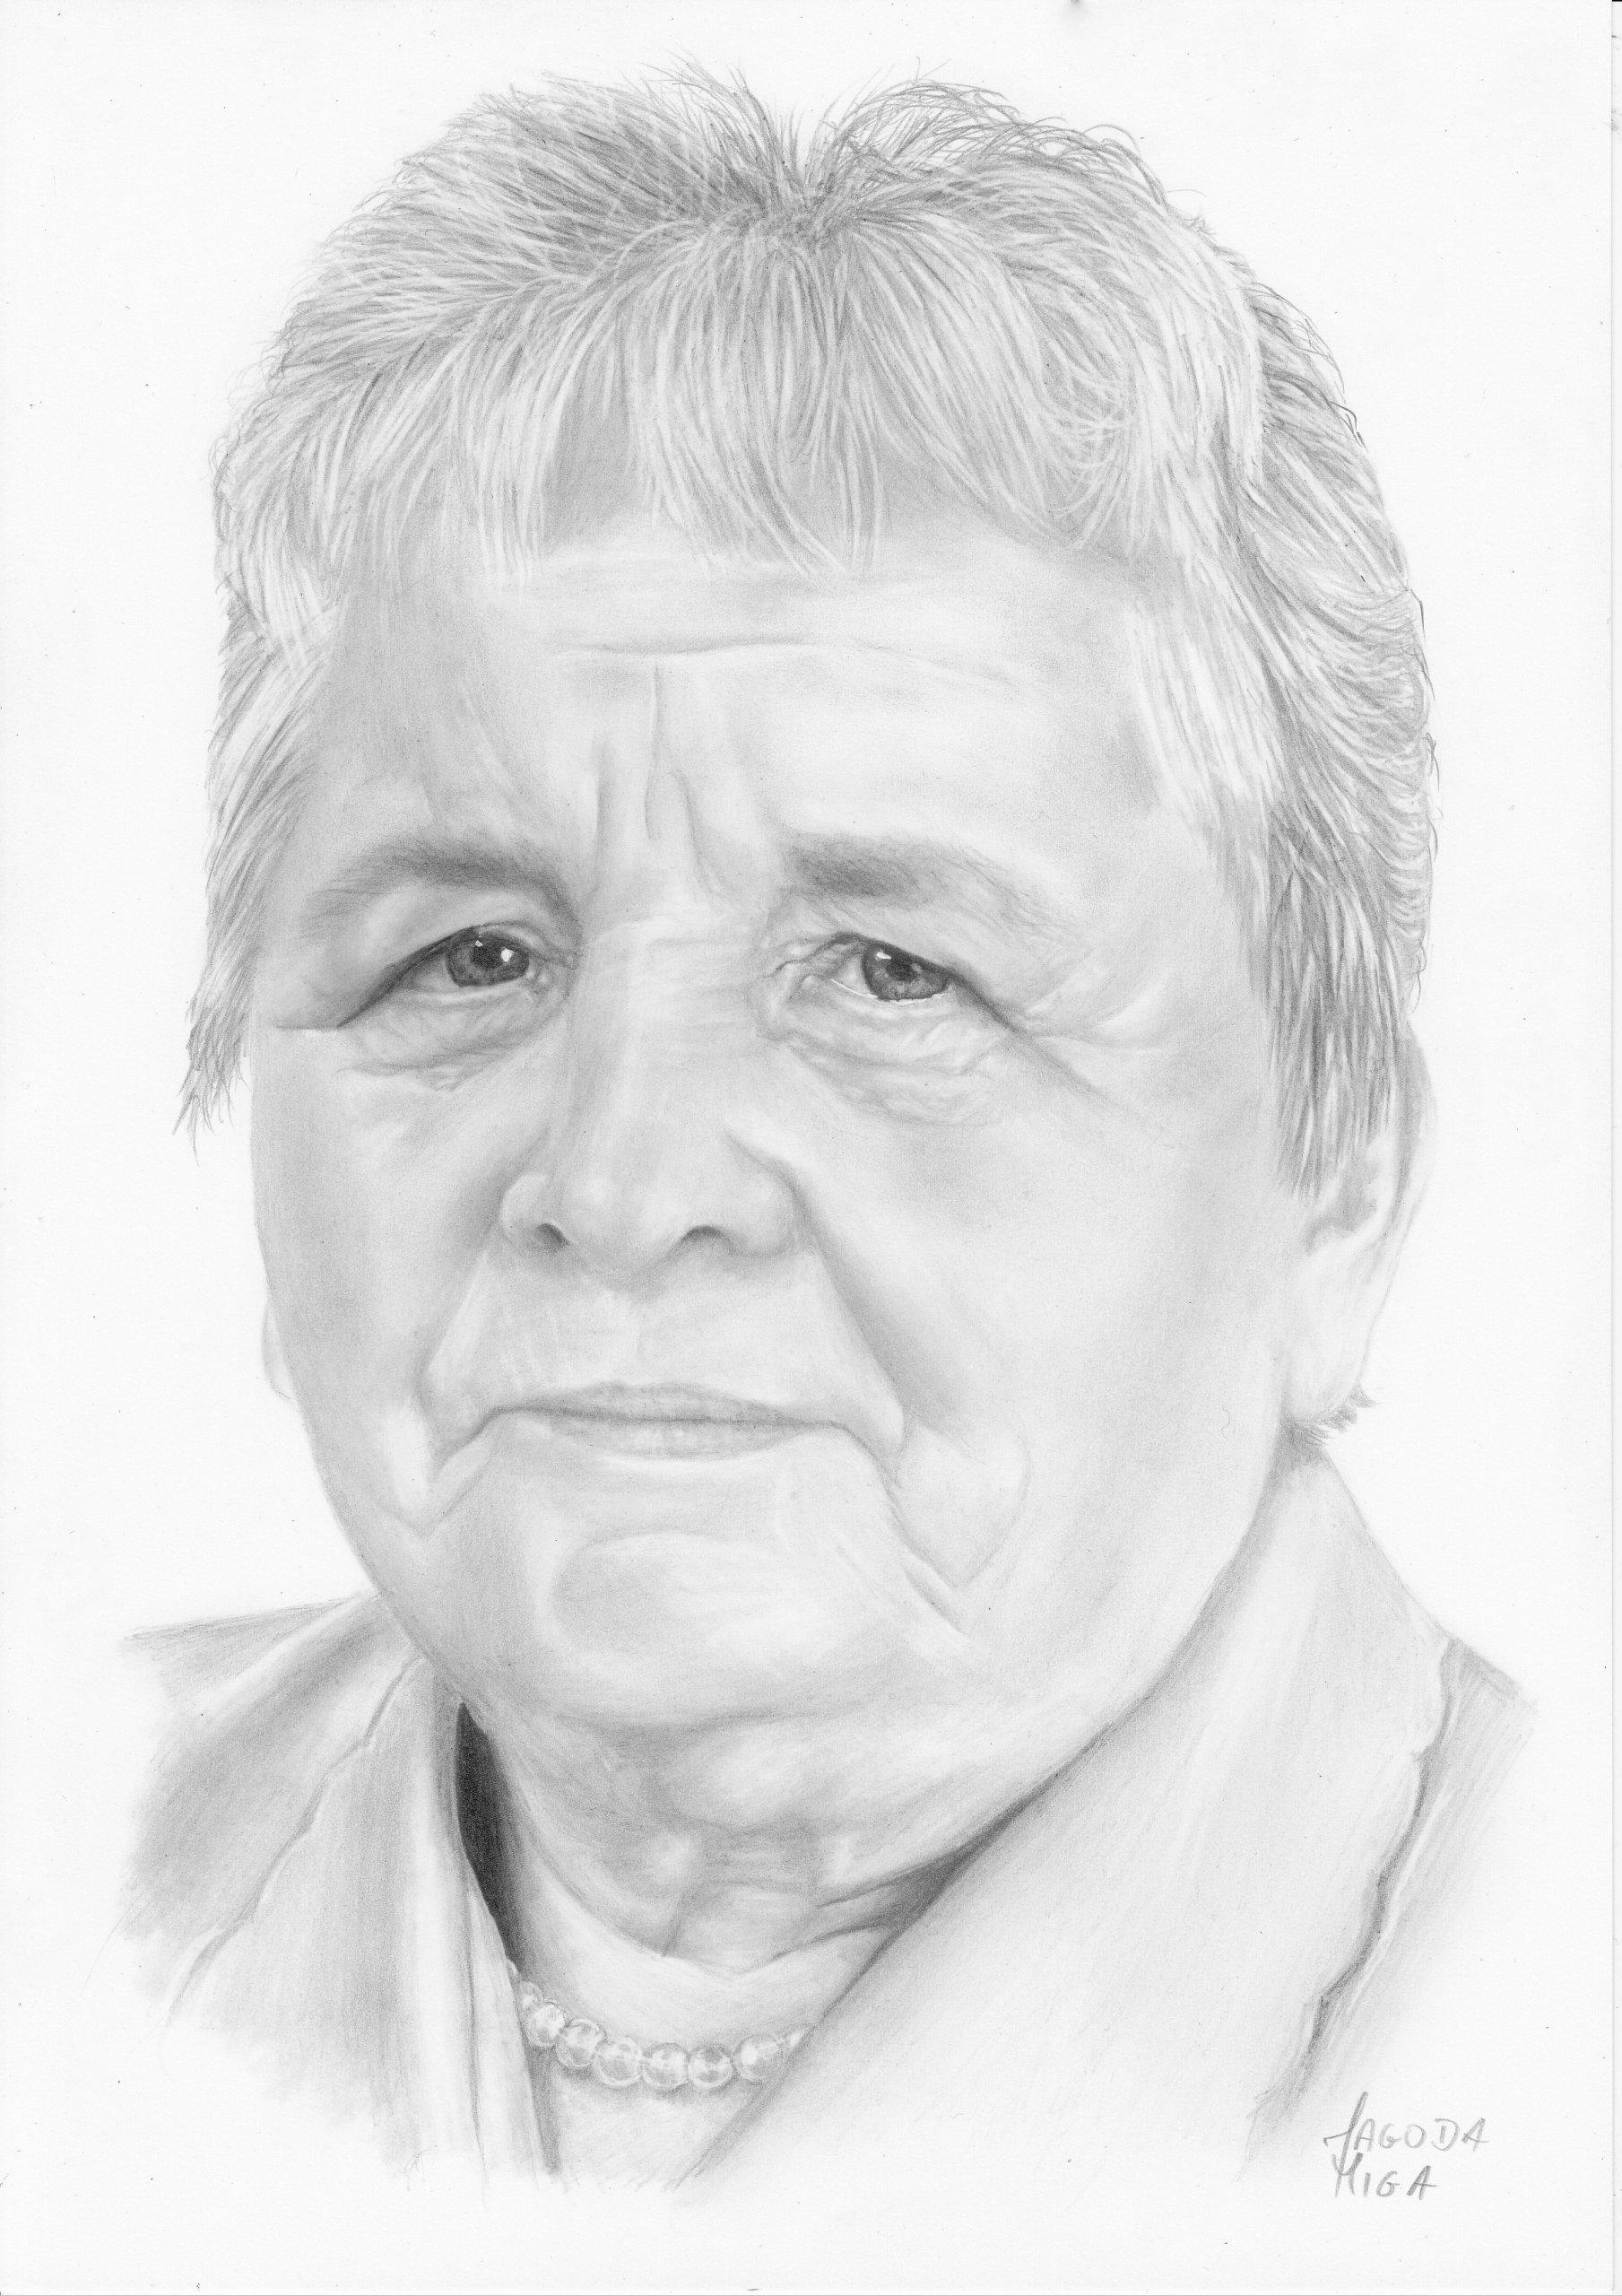 Portrety Ze Zdjęć Rysunki Ołówkiem Prezent Ozdoba 7130454652